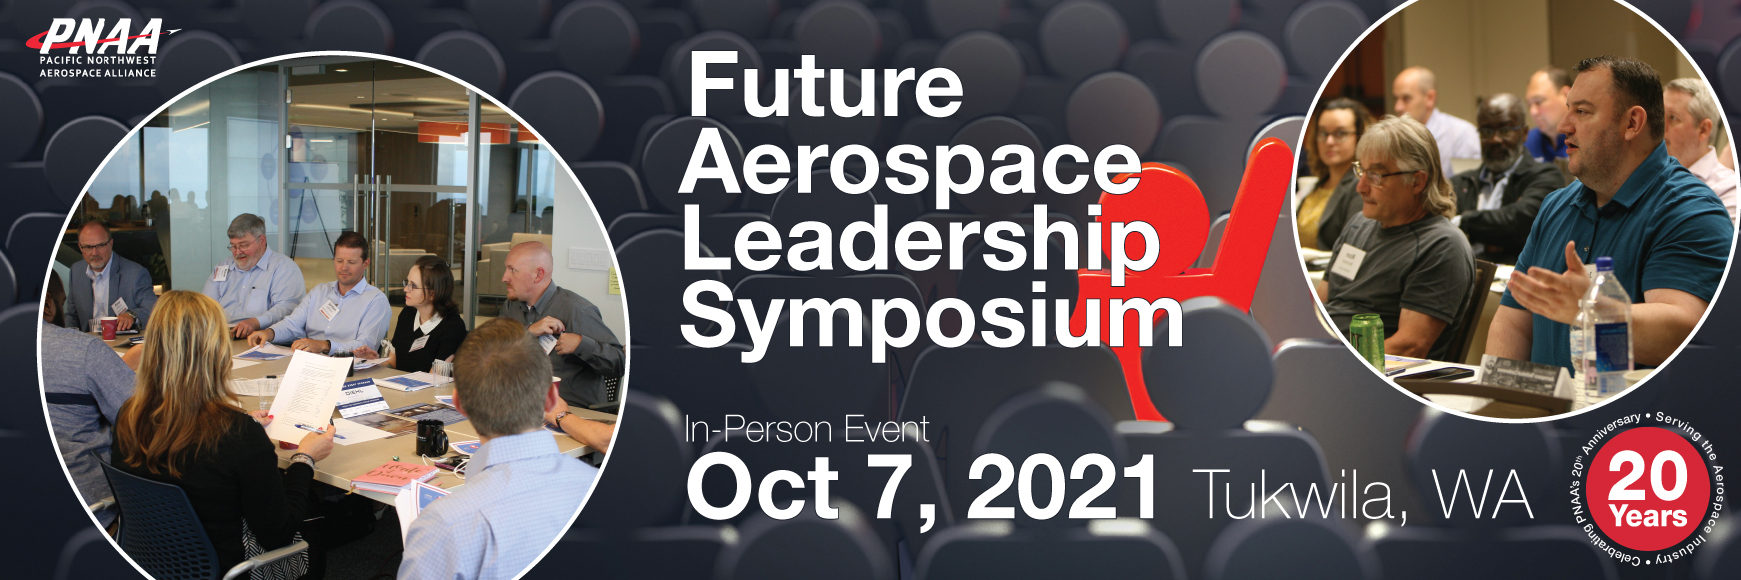 2021_PNAA_Aerospace_Leadership_Symposium_Slider